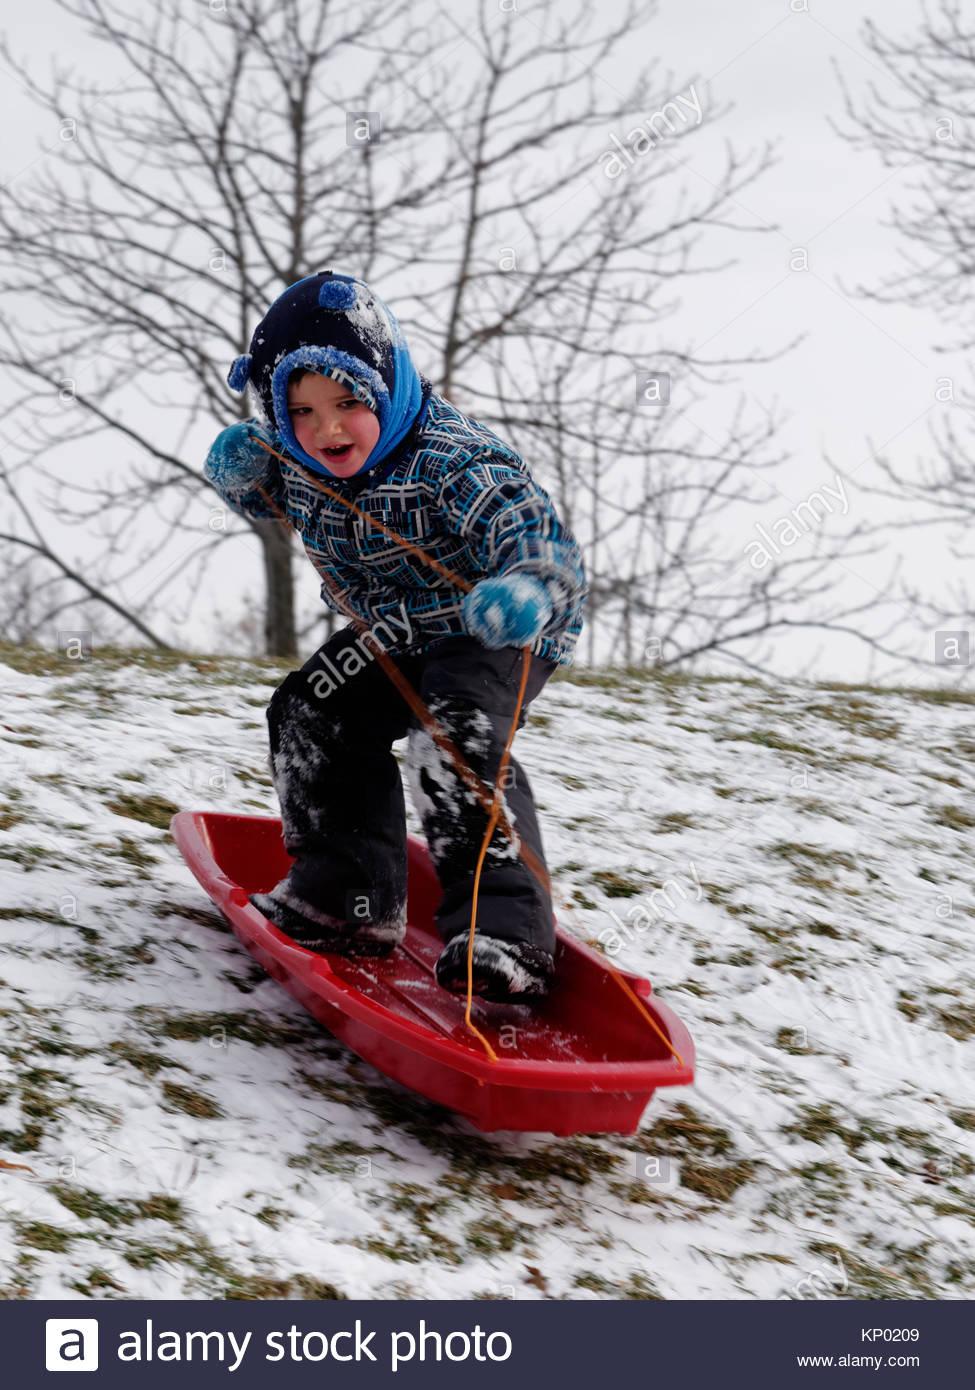 Ein kleiner Junge (5 Jahre alt) Snowboarden in seinem Schlitten stehen hinunter Hang. Stockbild